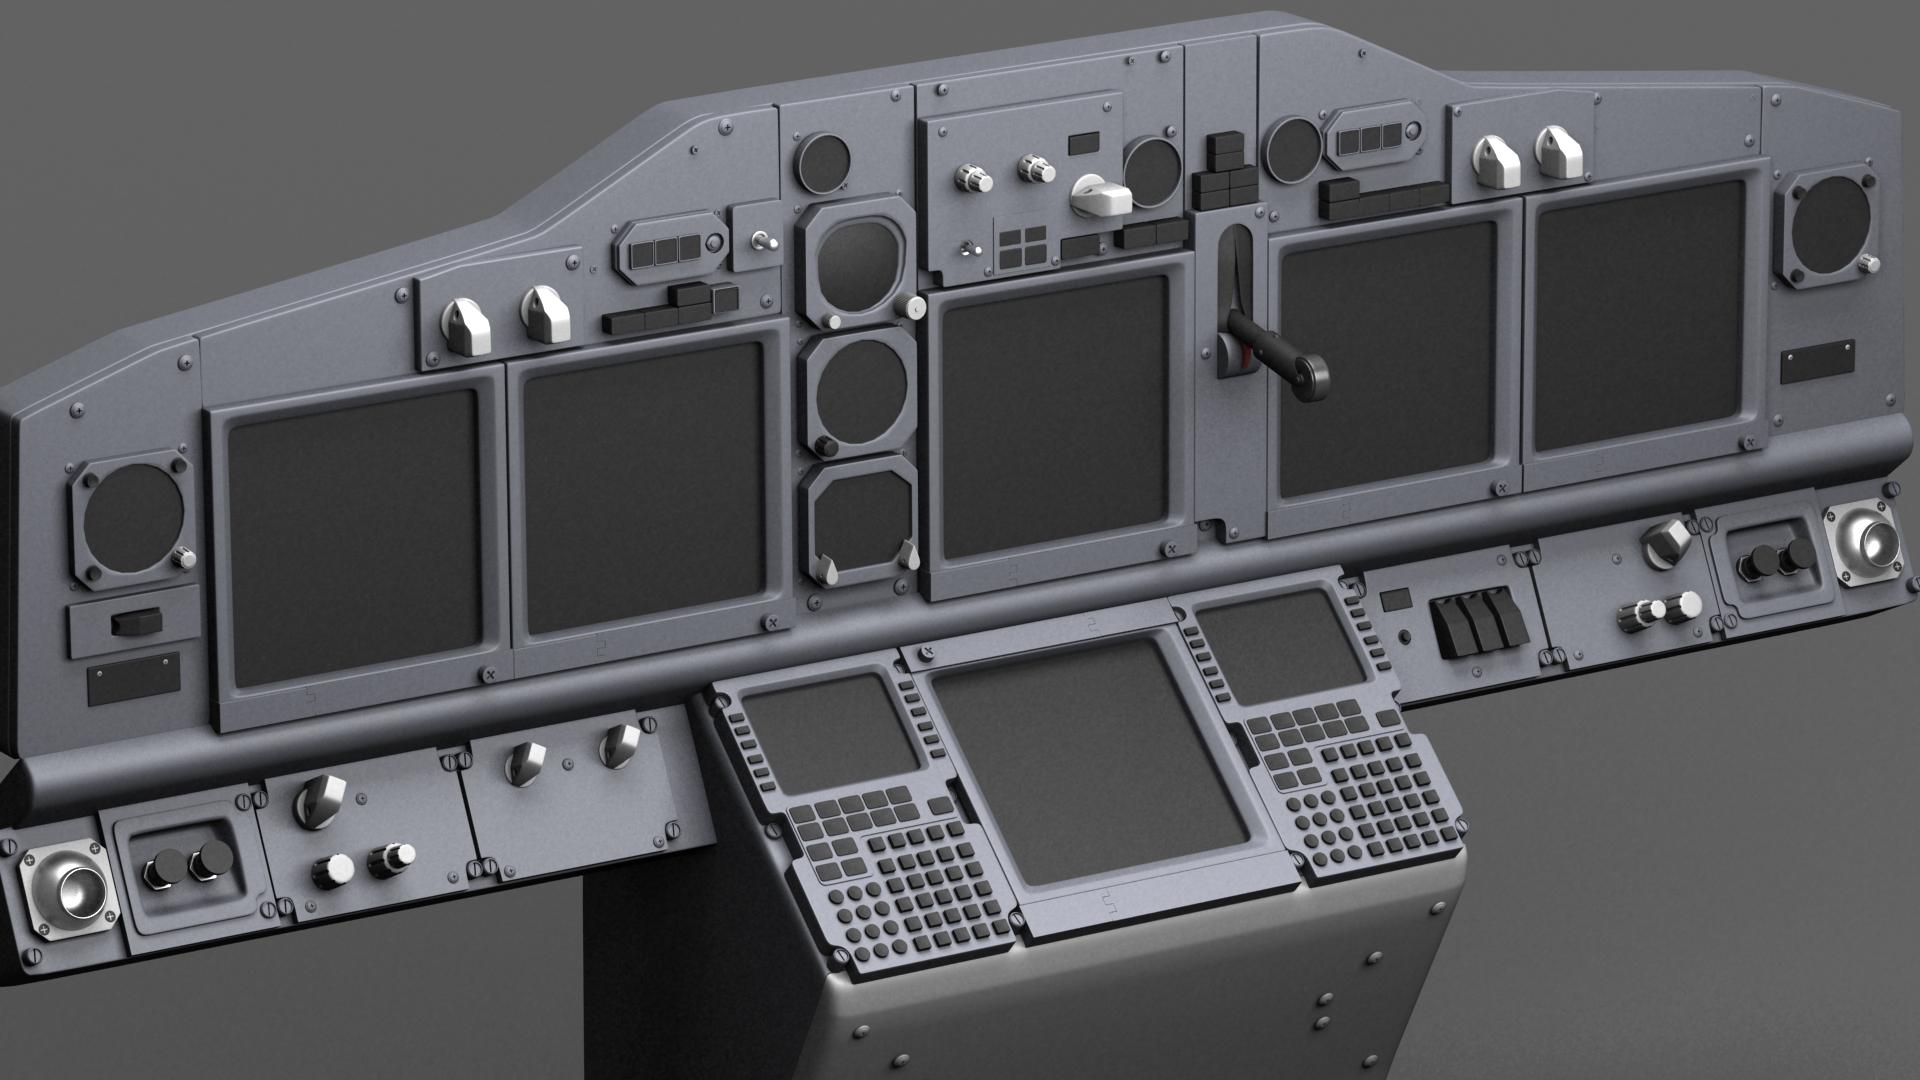 Boeing 737 NG Cockpit | Freelancers 3D